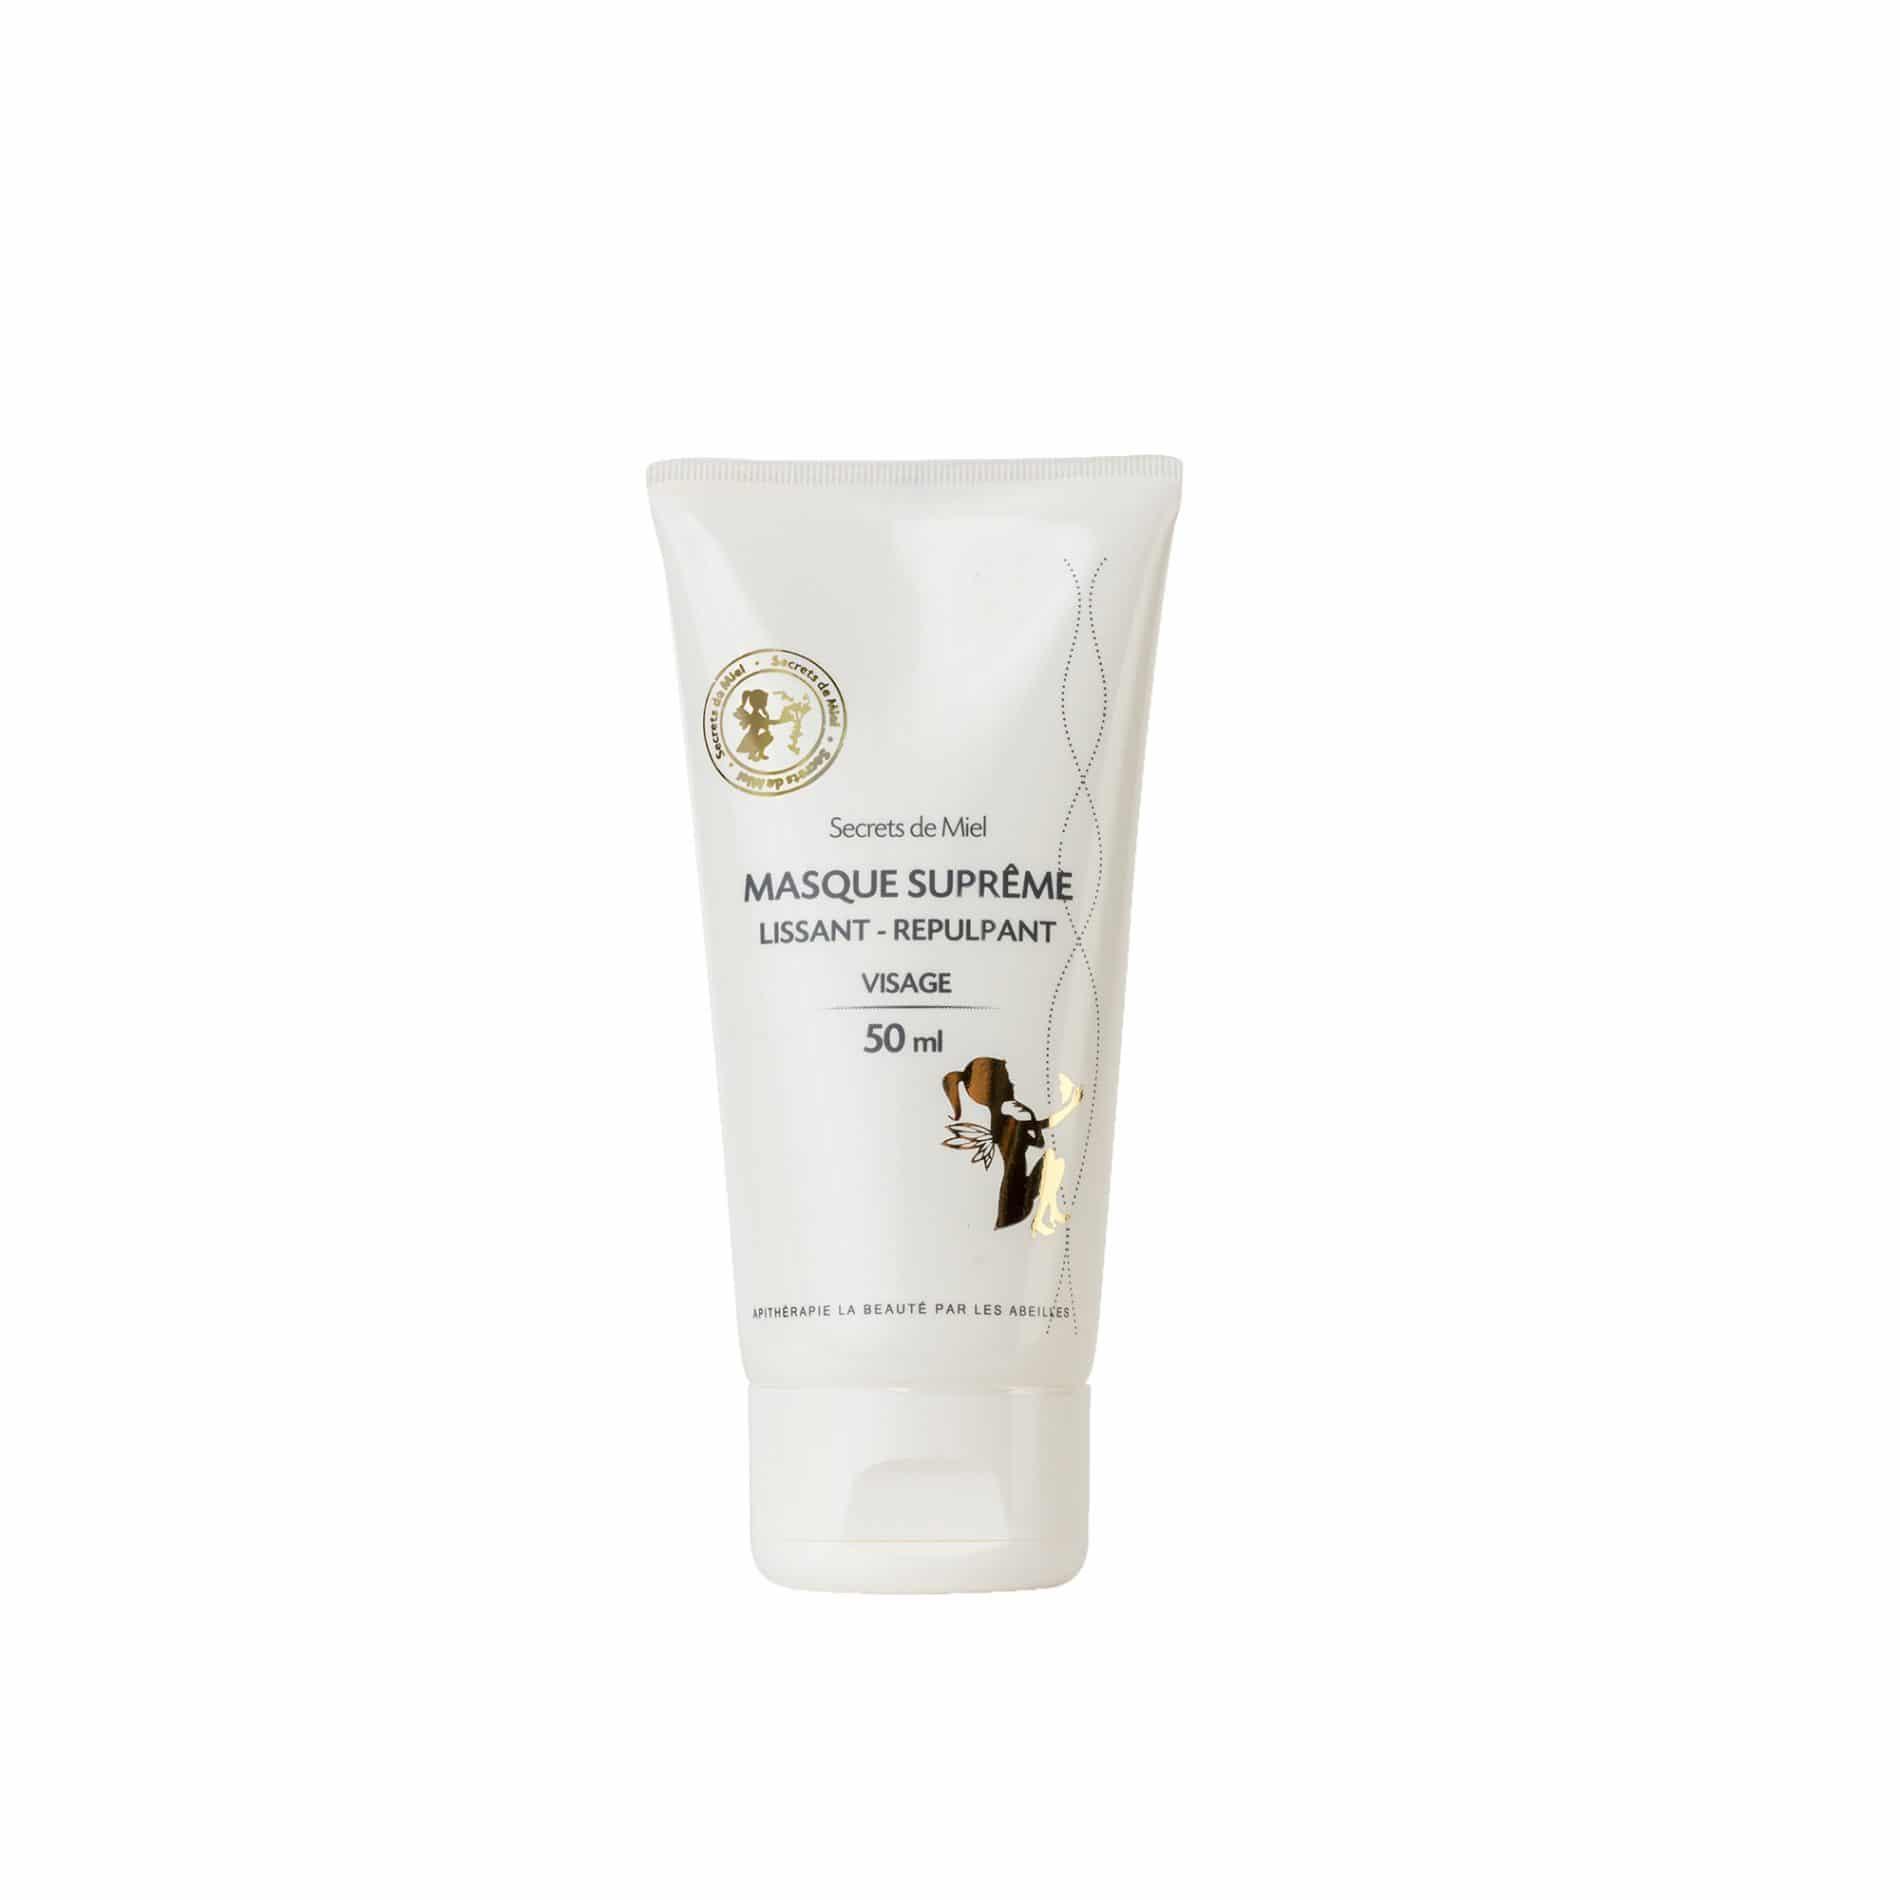 Masque Suprême - Gelée Royale - Rides et ridules - visage - Bon pour la peau - produit naturel - Secrets de Miel